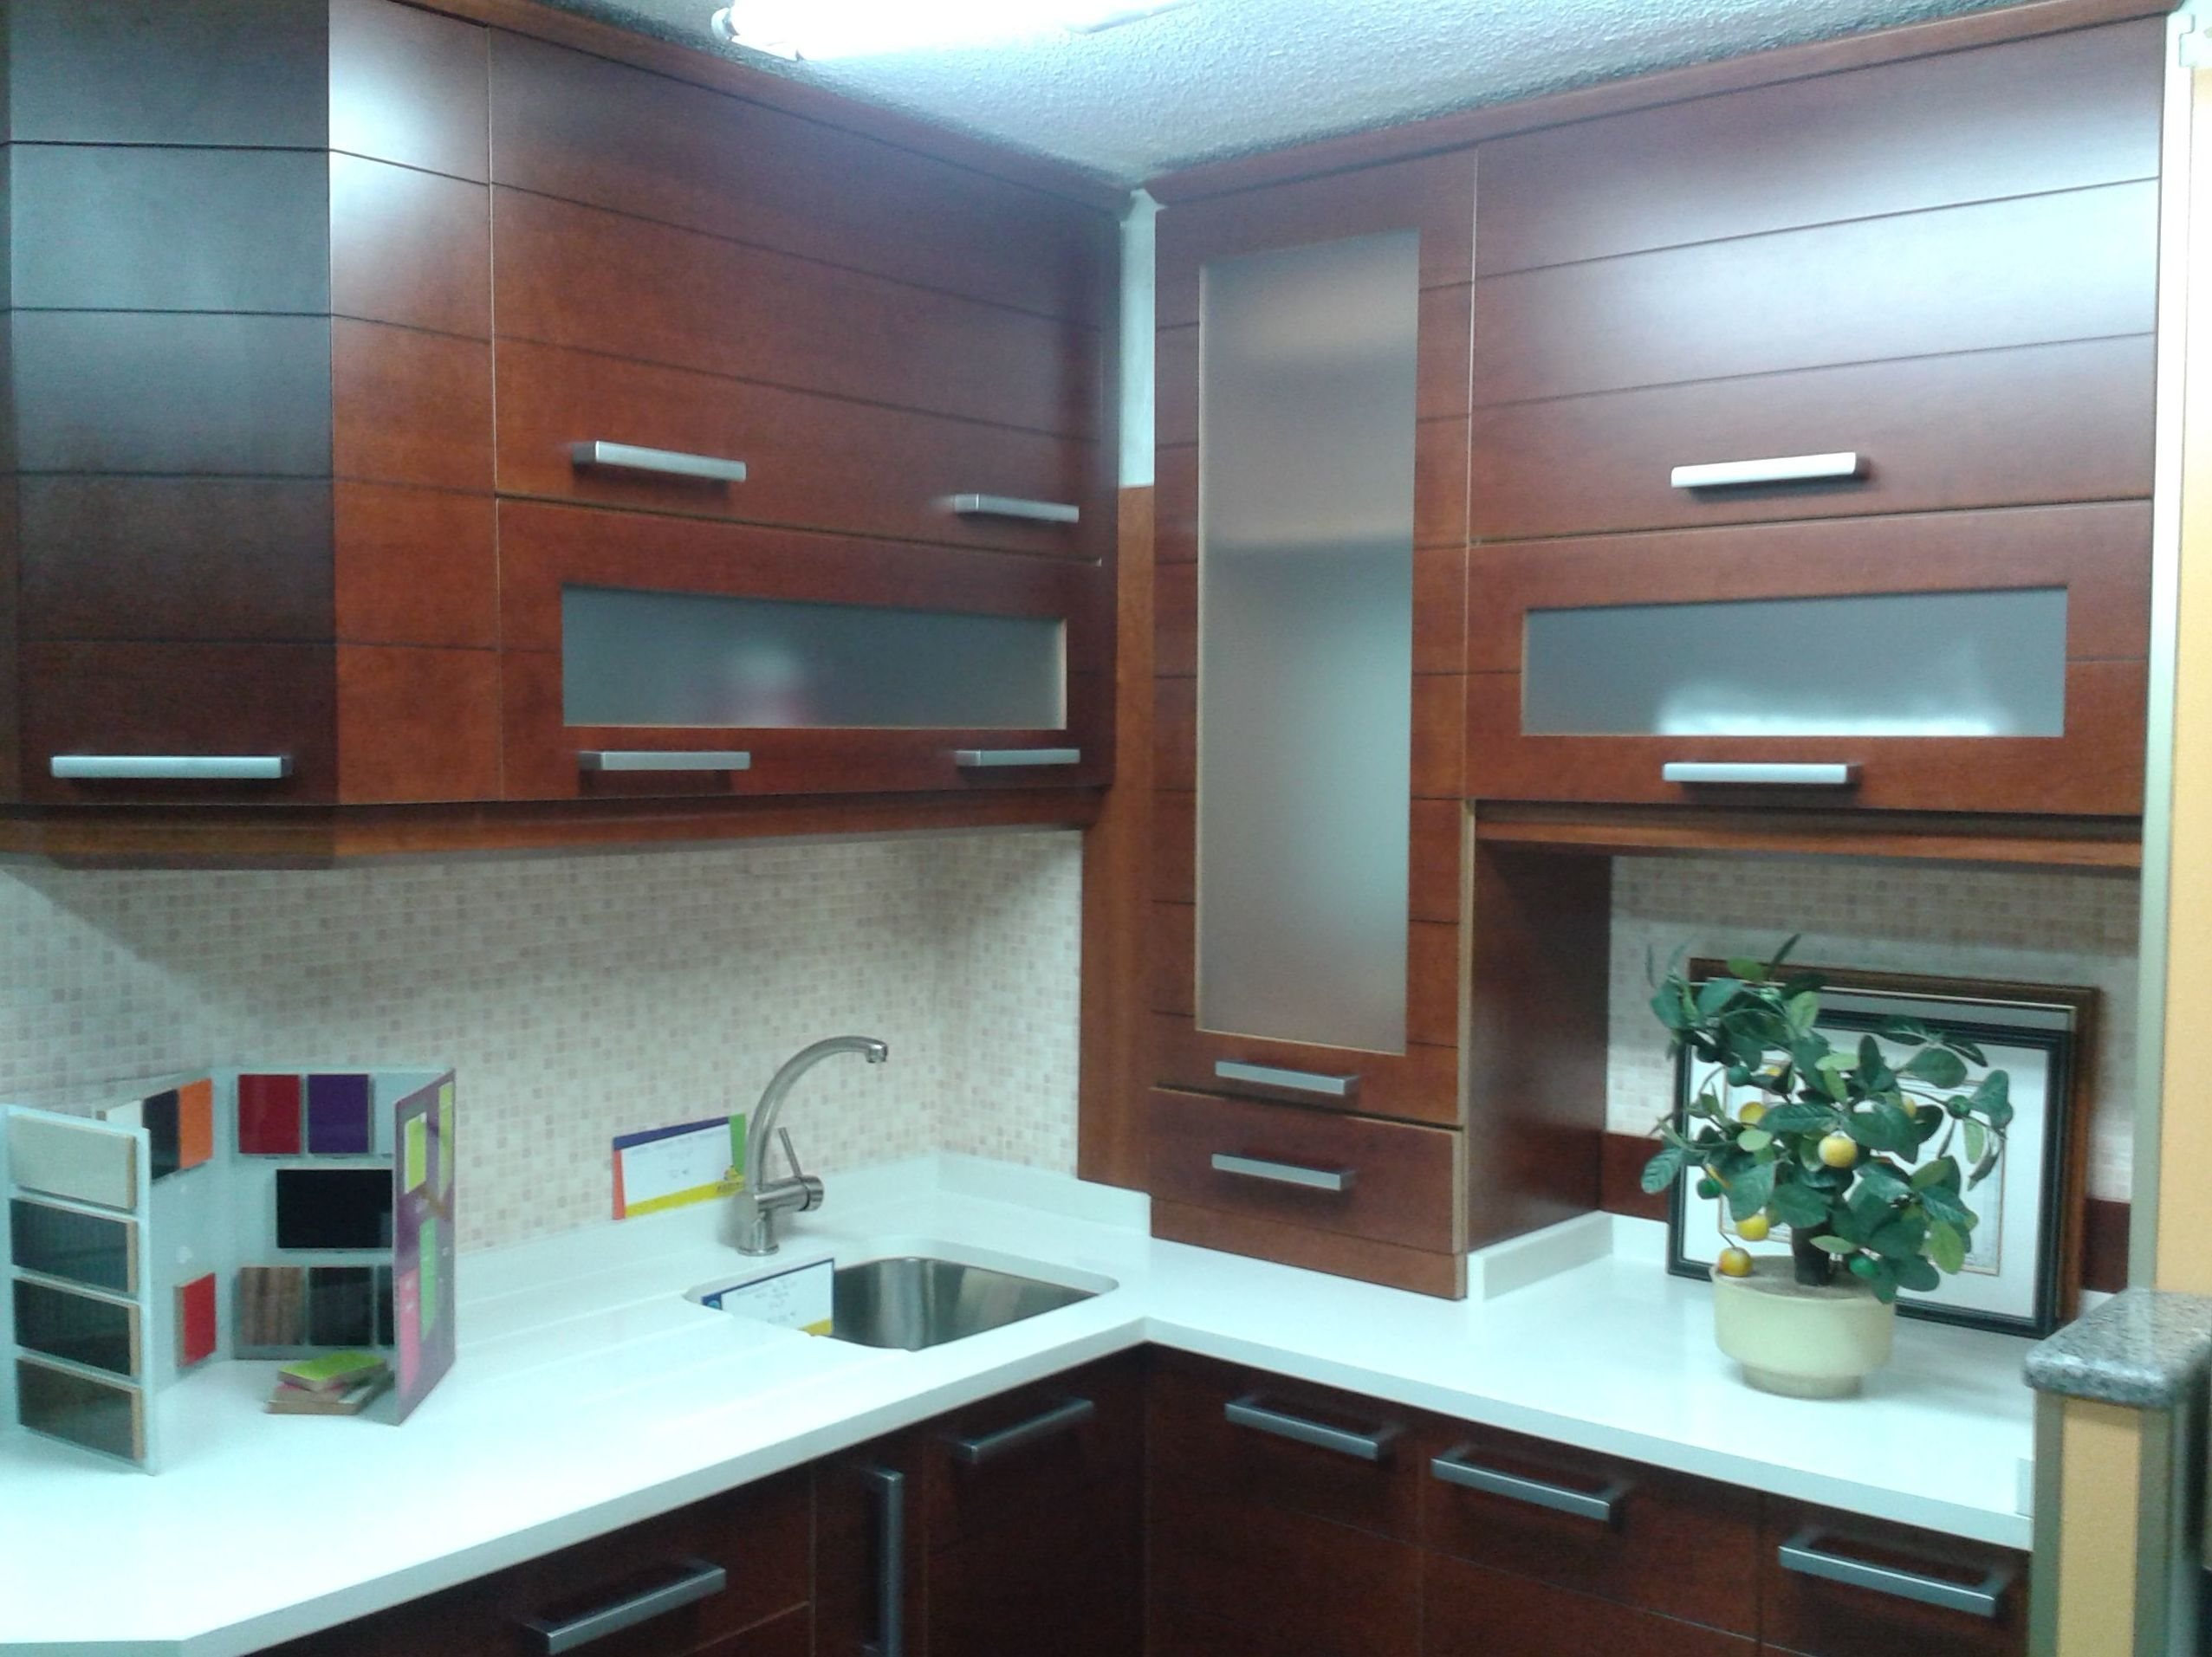 Cocinas baratas en fuenlabrada novolar - Mobiliario de cocina precios ...